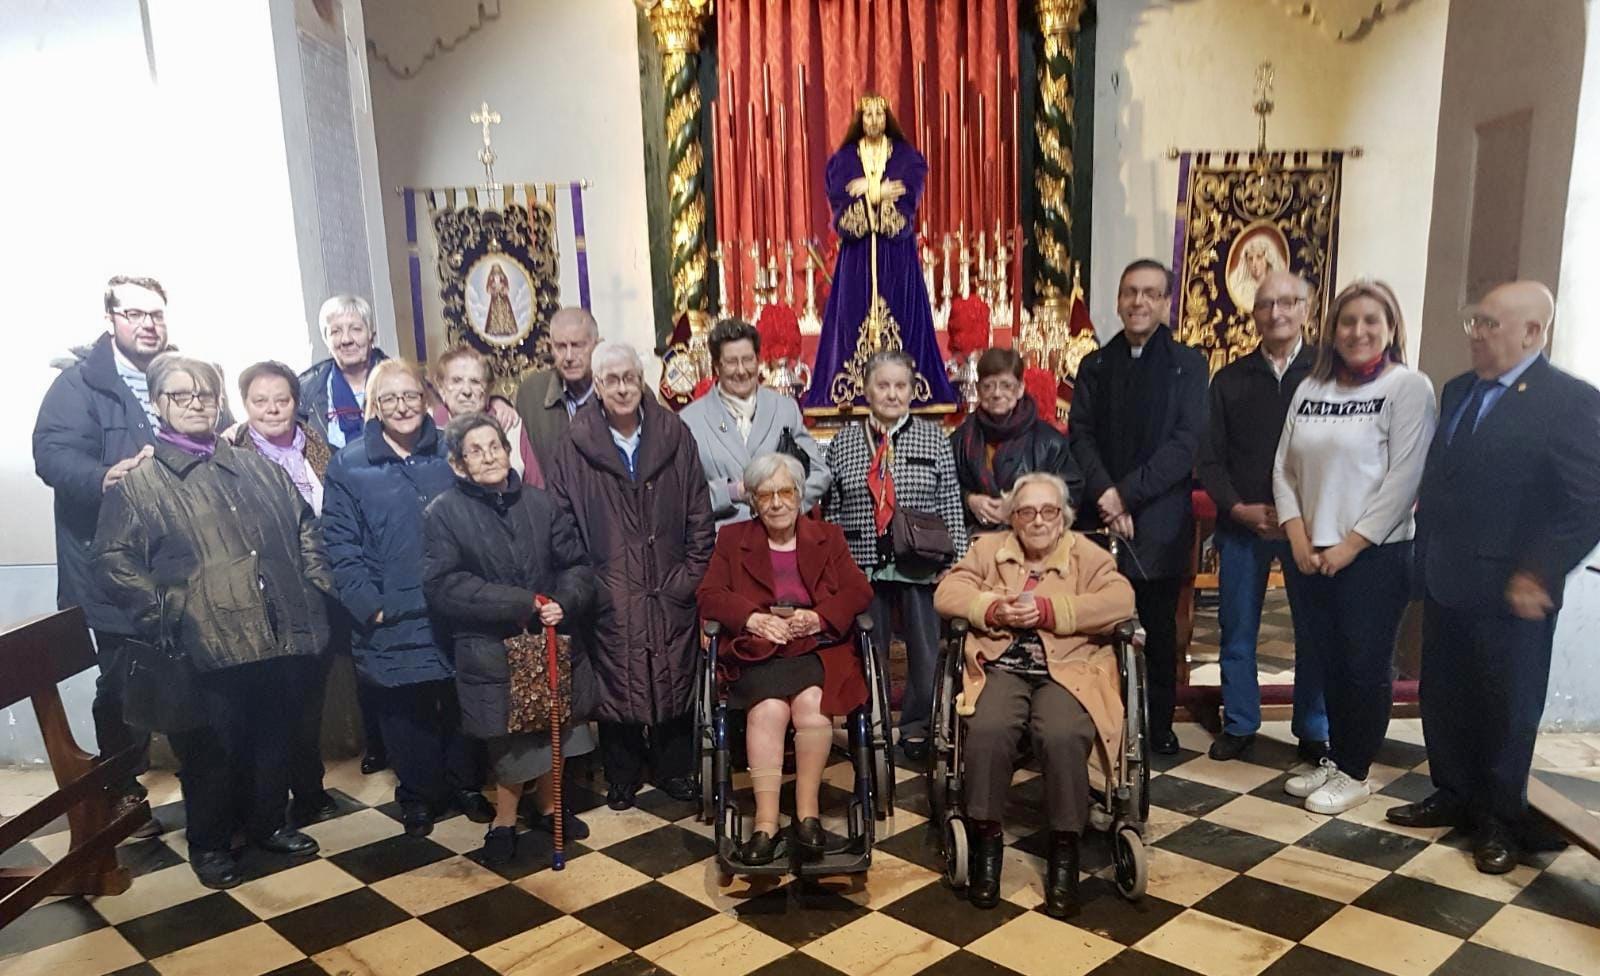 Visita Jesús El Pobre DomusVi Albufera y Alcalá de henares2